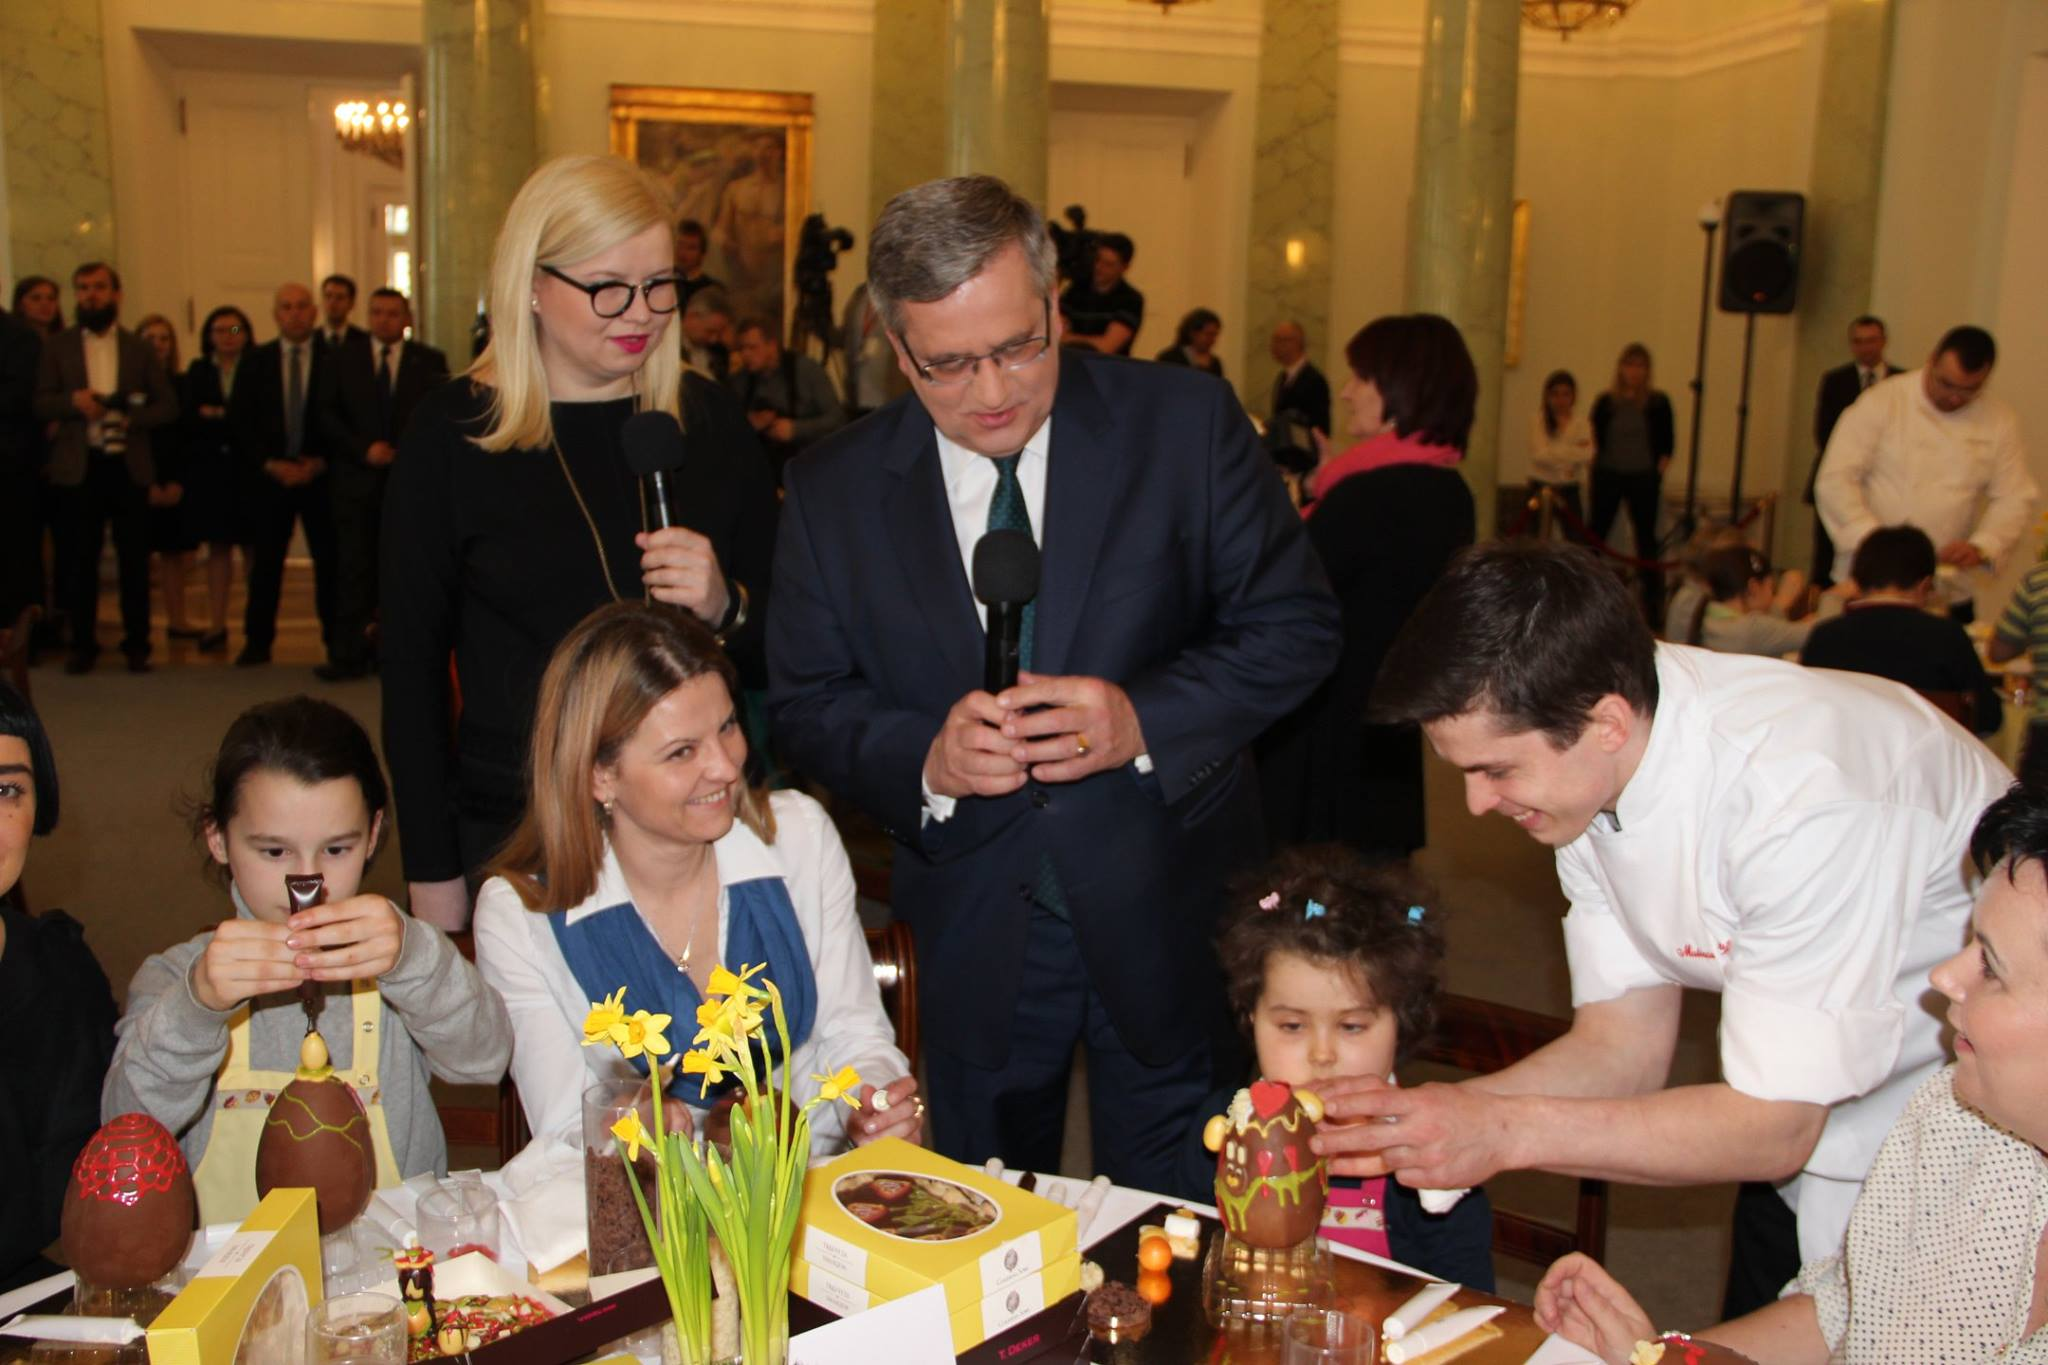 Wielkanocna wizyta w Pałacu Prezydenckim